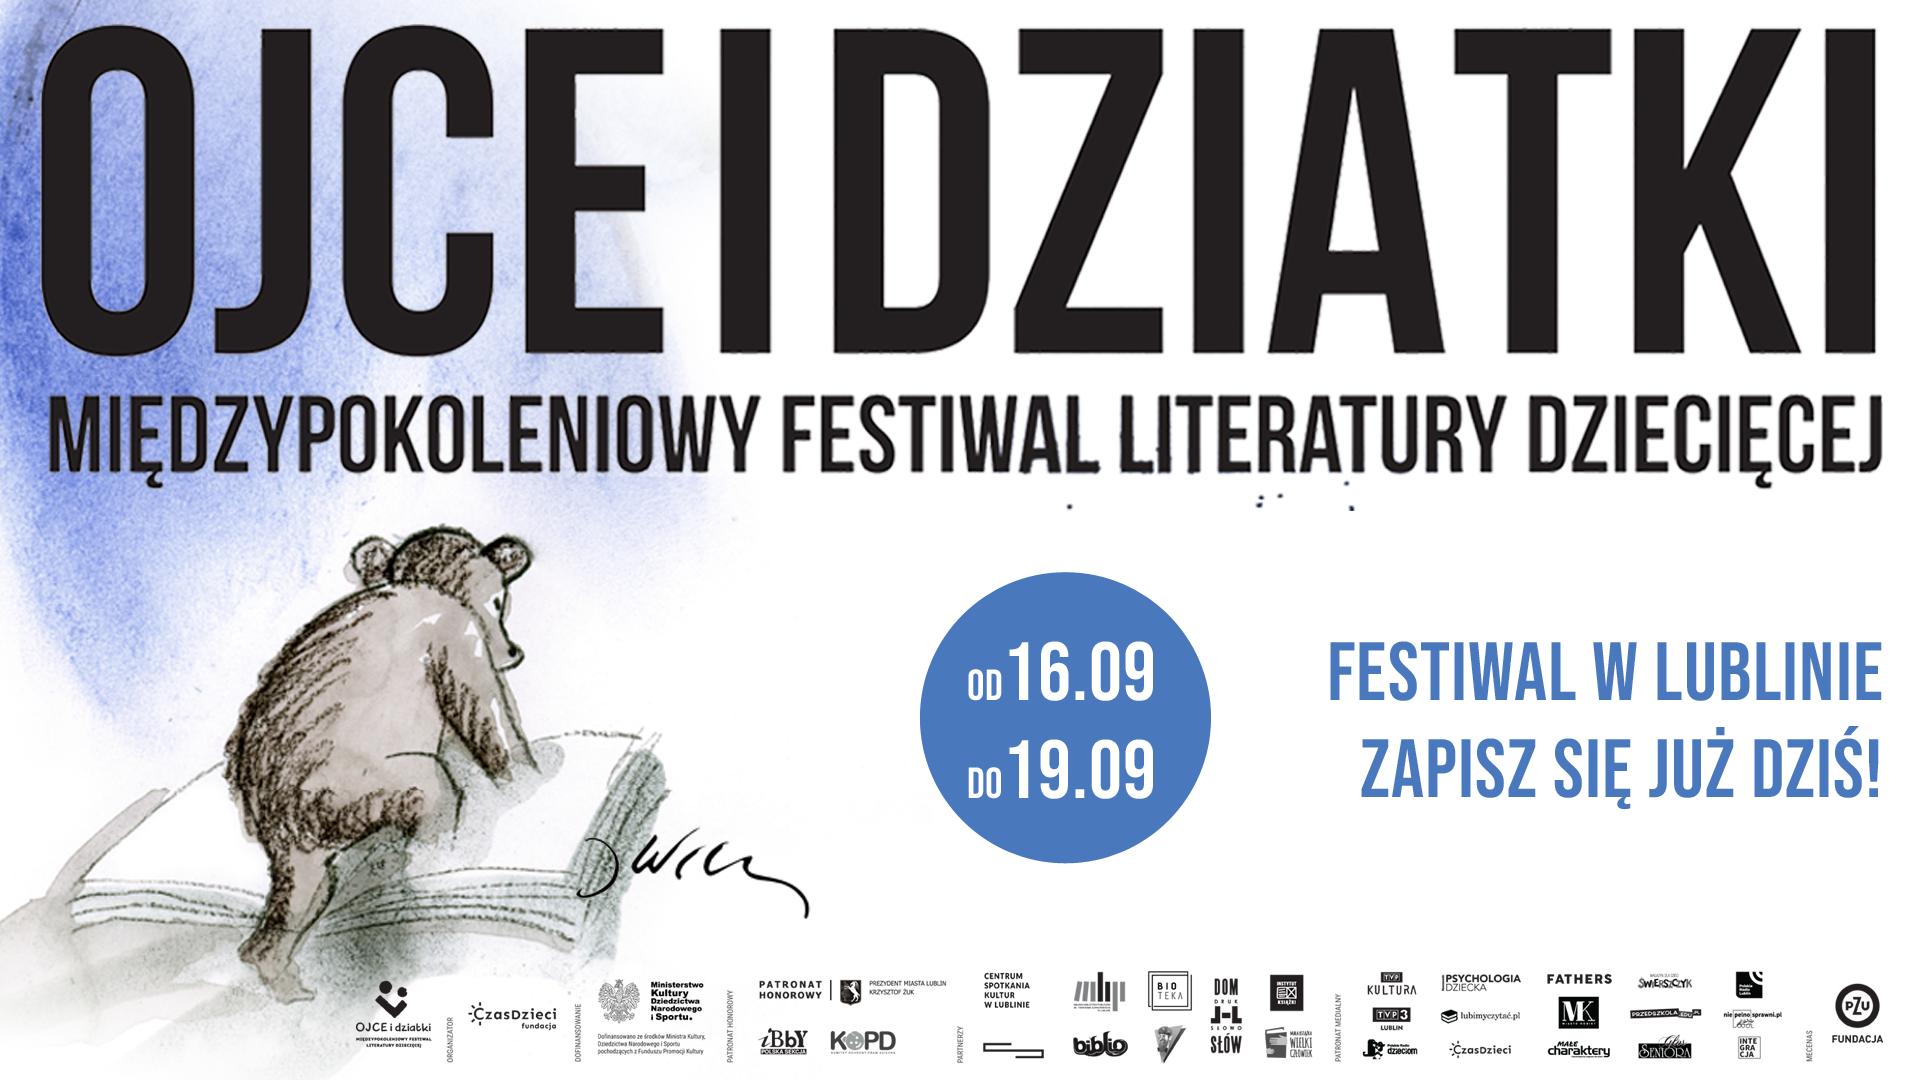 Lublin: Literatura połączy pokolenia. We wrześniu Międzypokoleniowy Festiwal Literatury Dziecięcej - Ojce i Dziatki - Zdjęcie główne